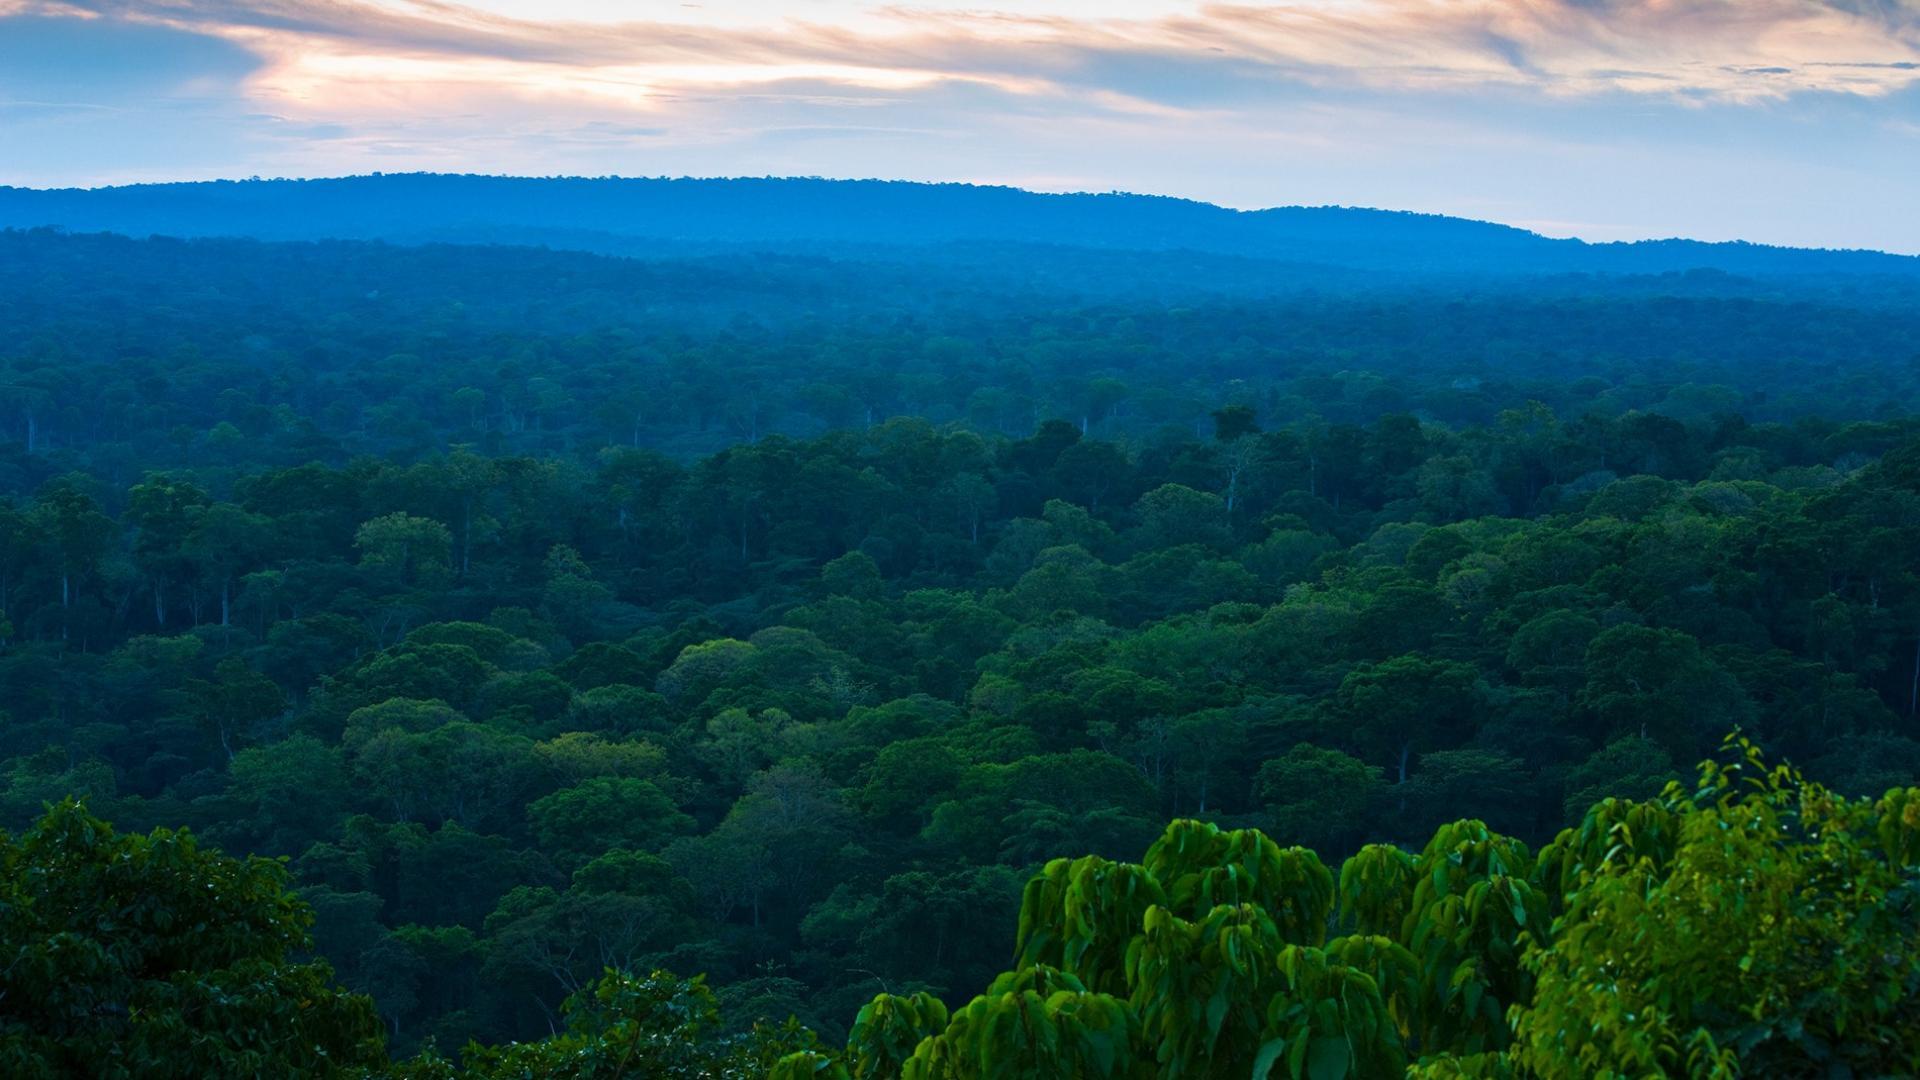 Foret tropicale province equateur republique democratique du congo